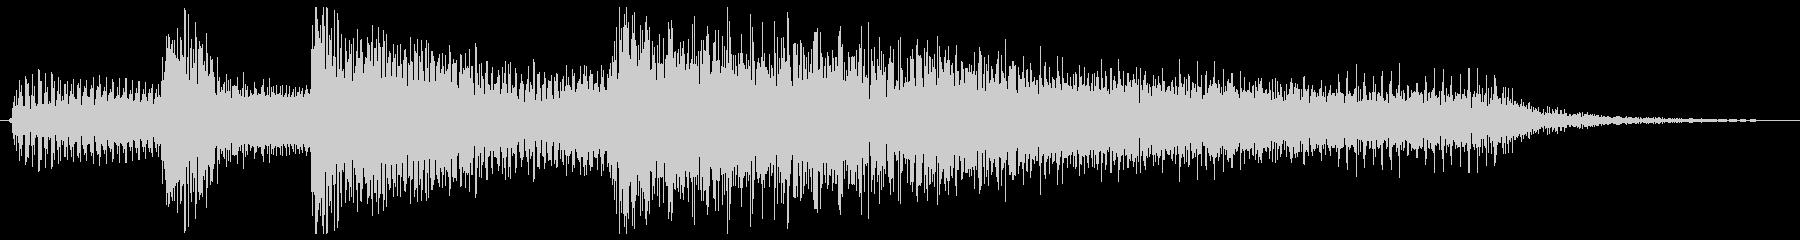 3拍子ワルツ クラシカルなジングルの未再生の波形